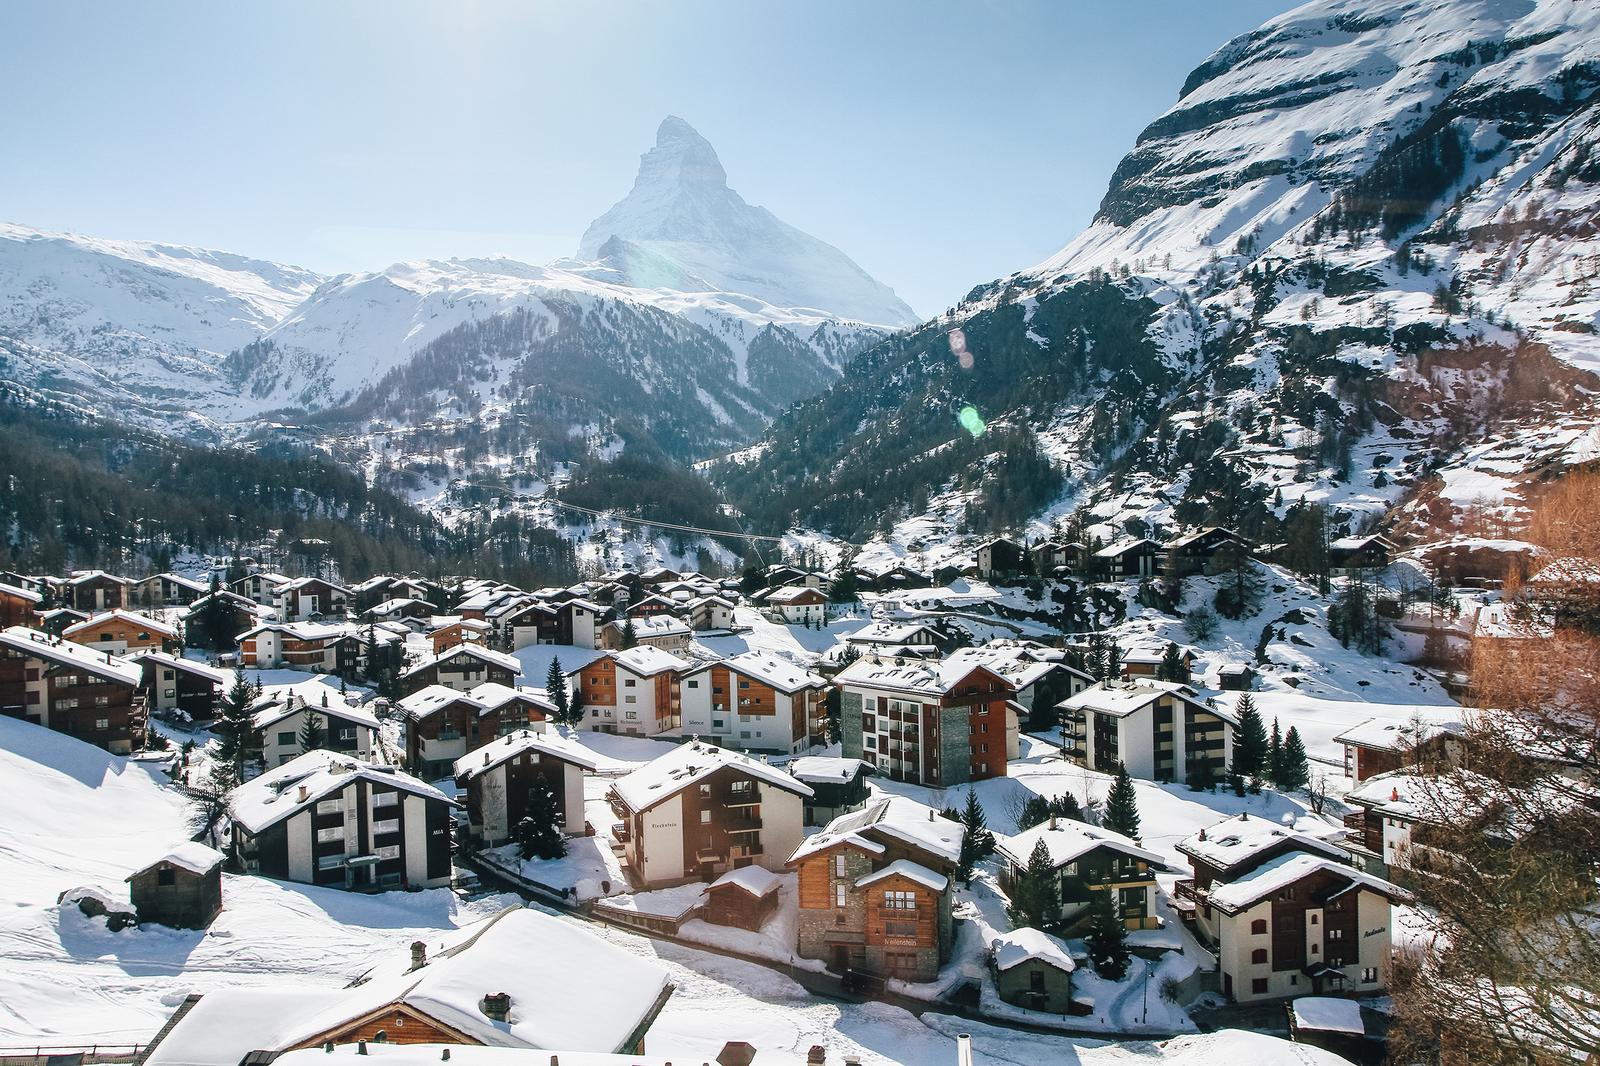 Как живут русскоязычные иммигранты в швейцарии: как найти работу и чем восхищает страна